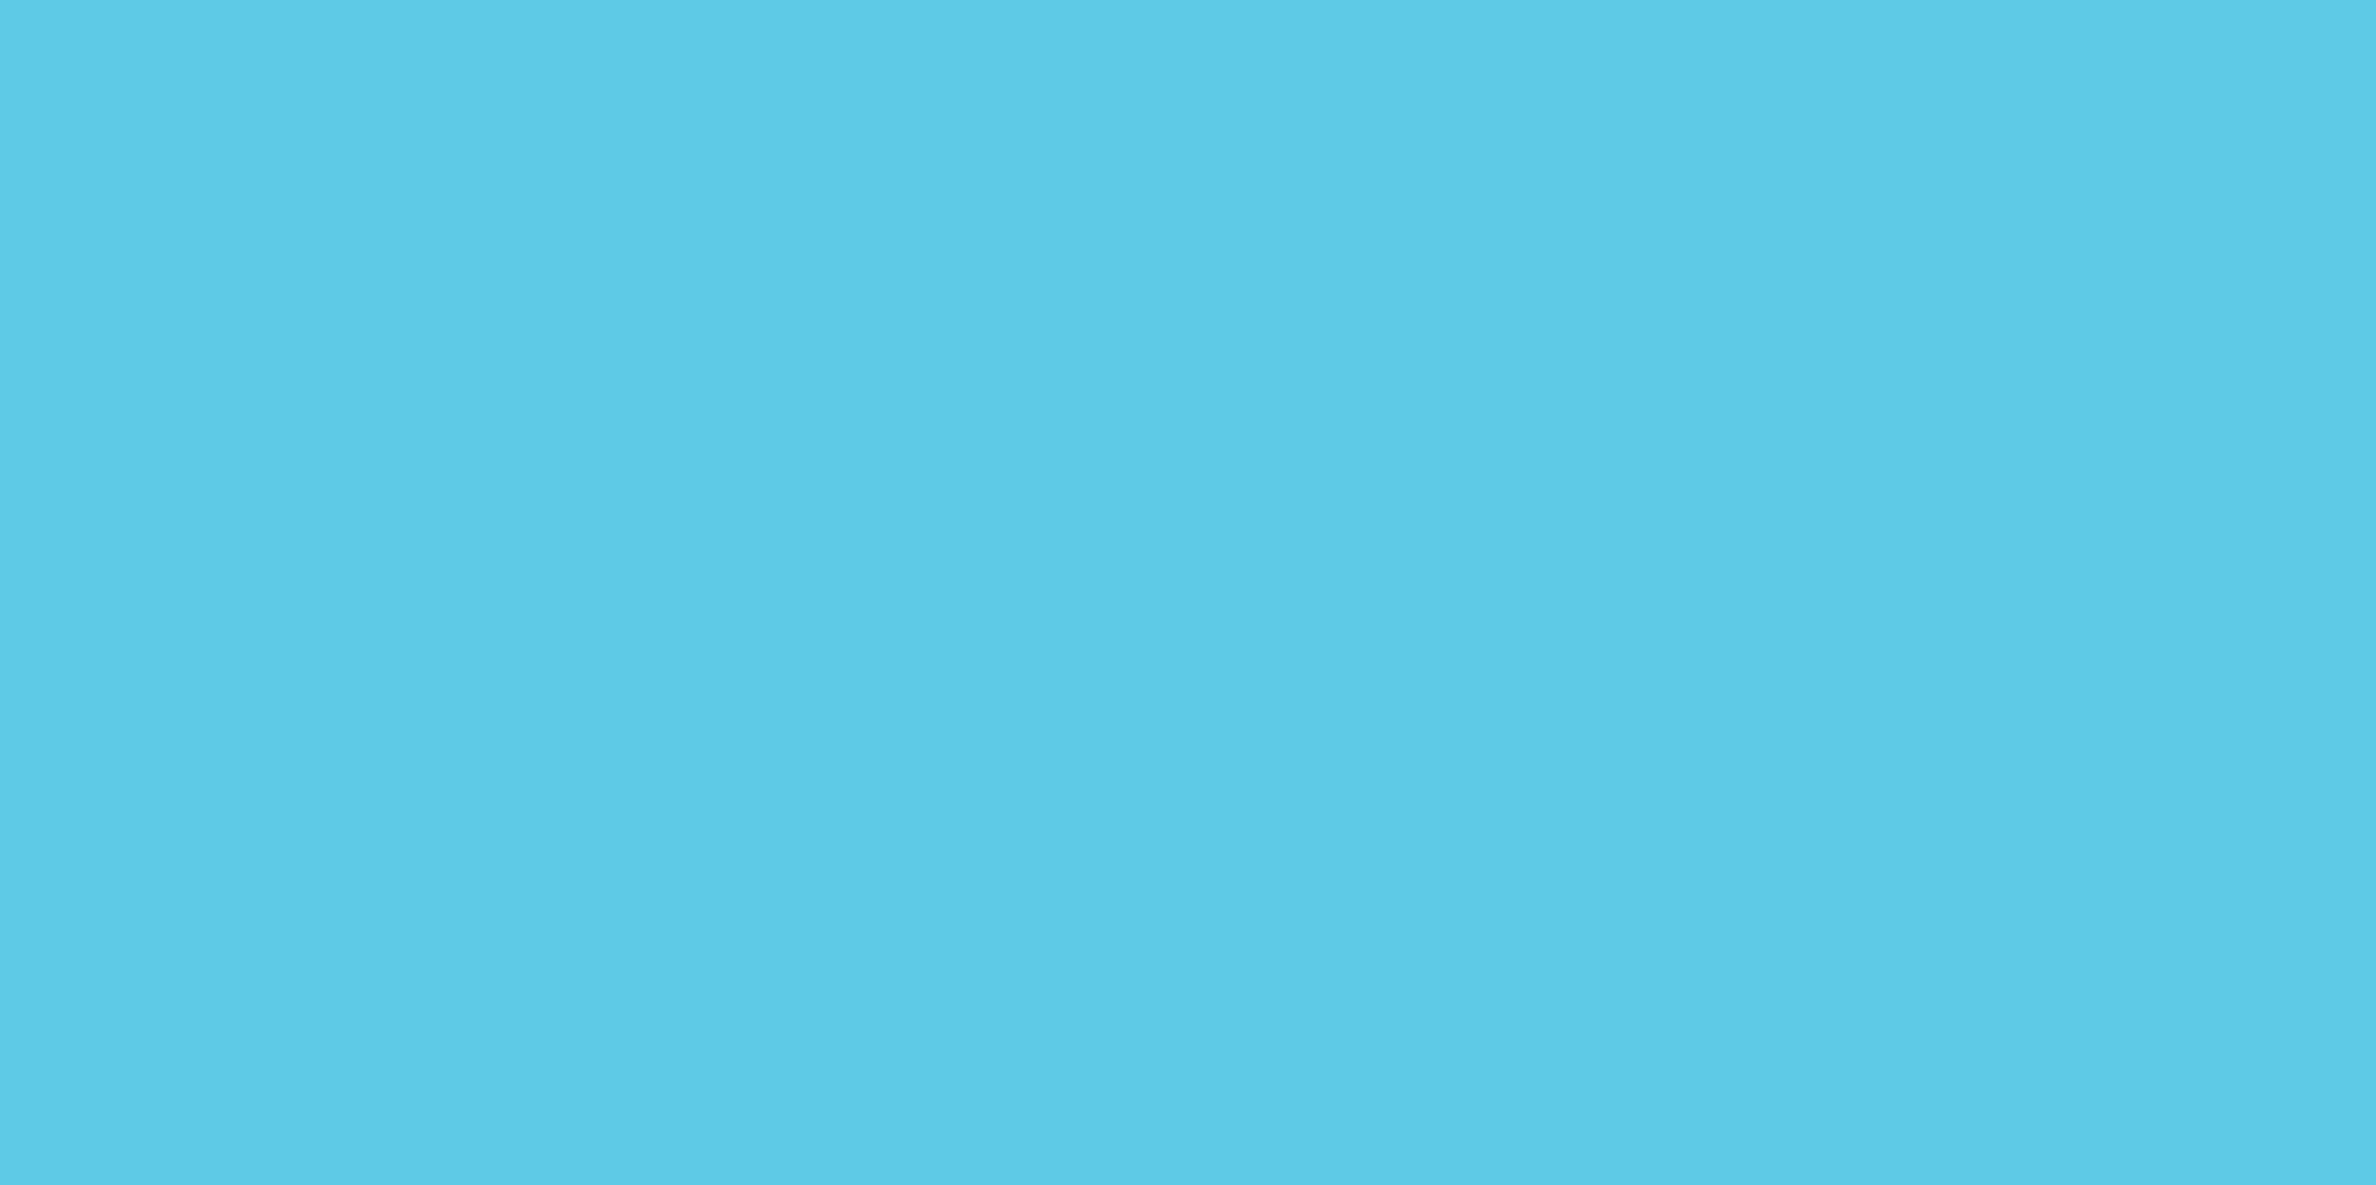 Ethereal Overlay